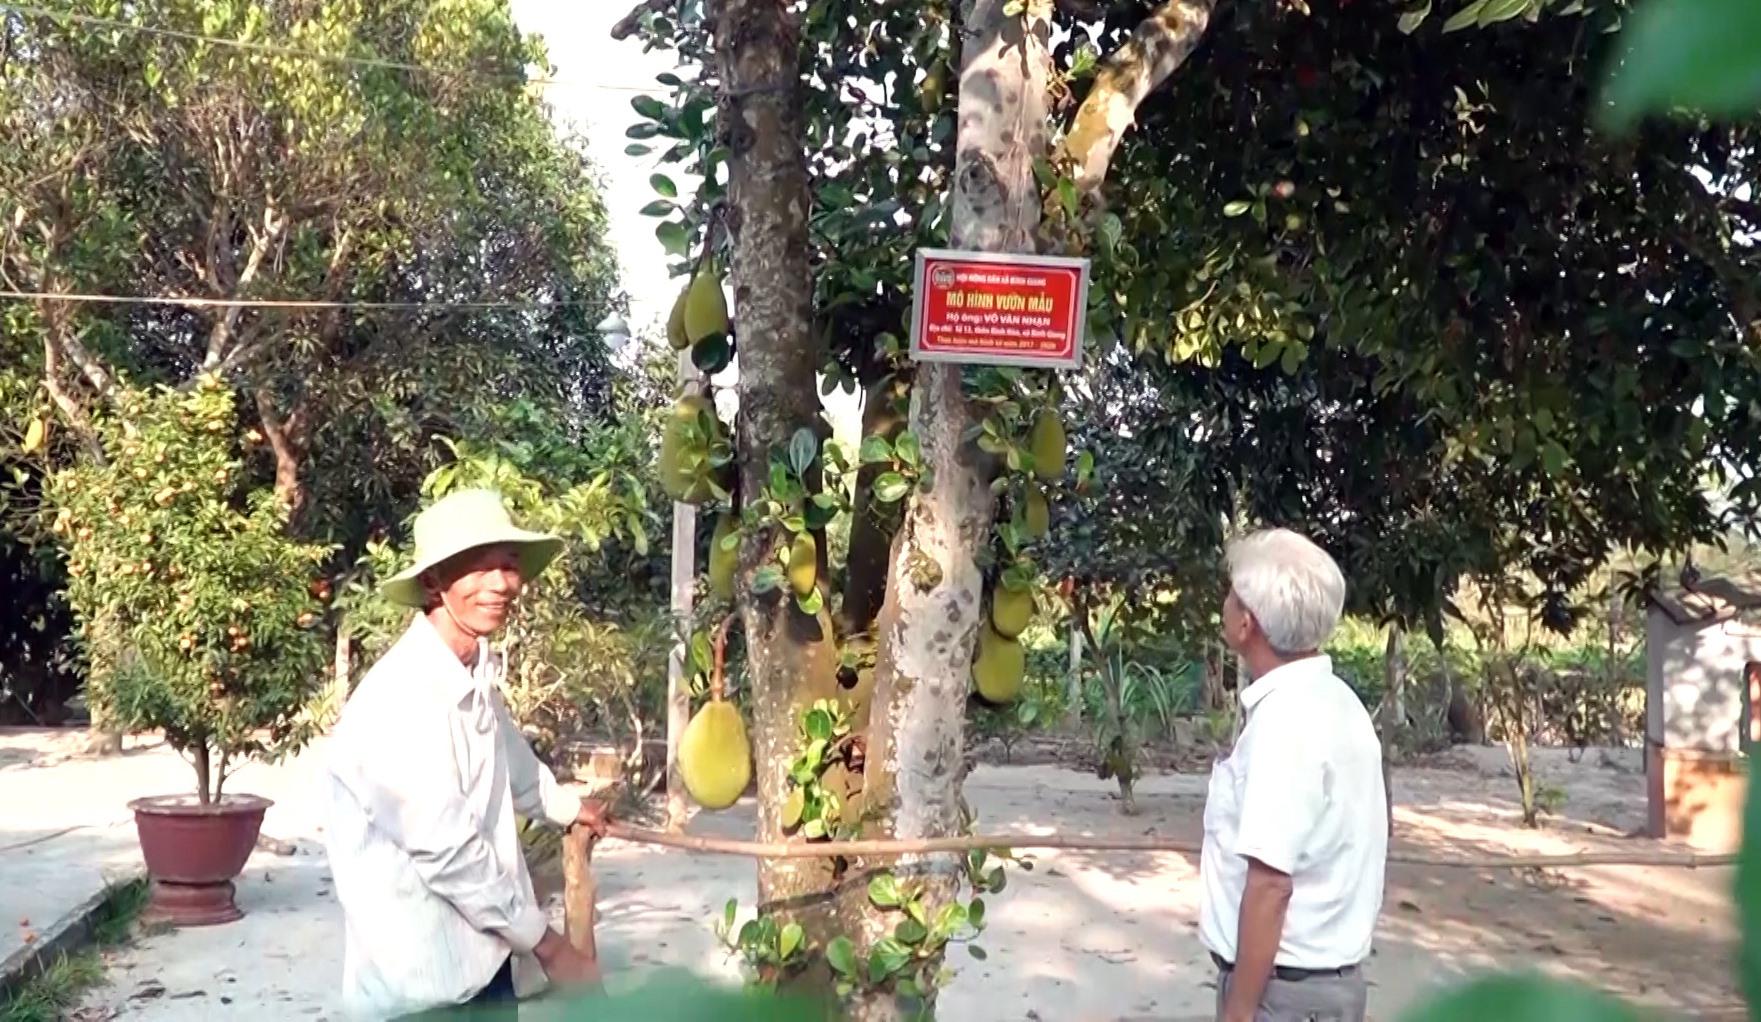 Được Nhà nước hỗ trợ, người dân đầu tư làm vườn mẫu cho hiệu quả kinh tế cao. Ảnh: MINH TÂN